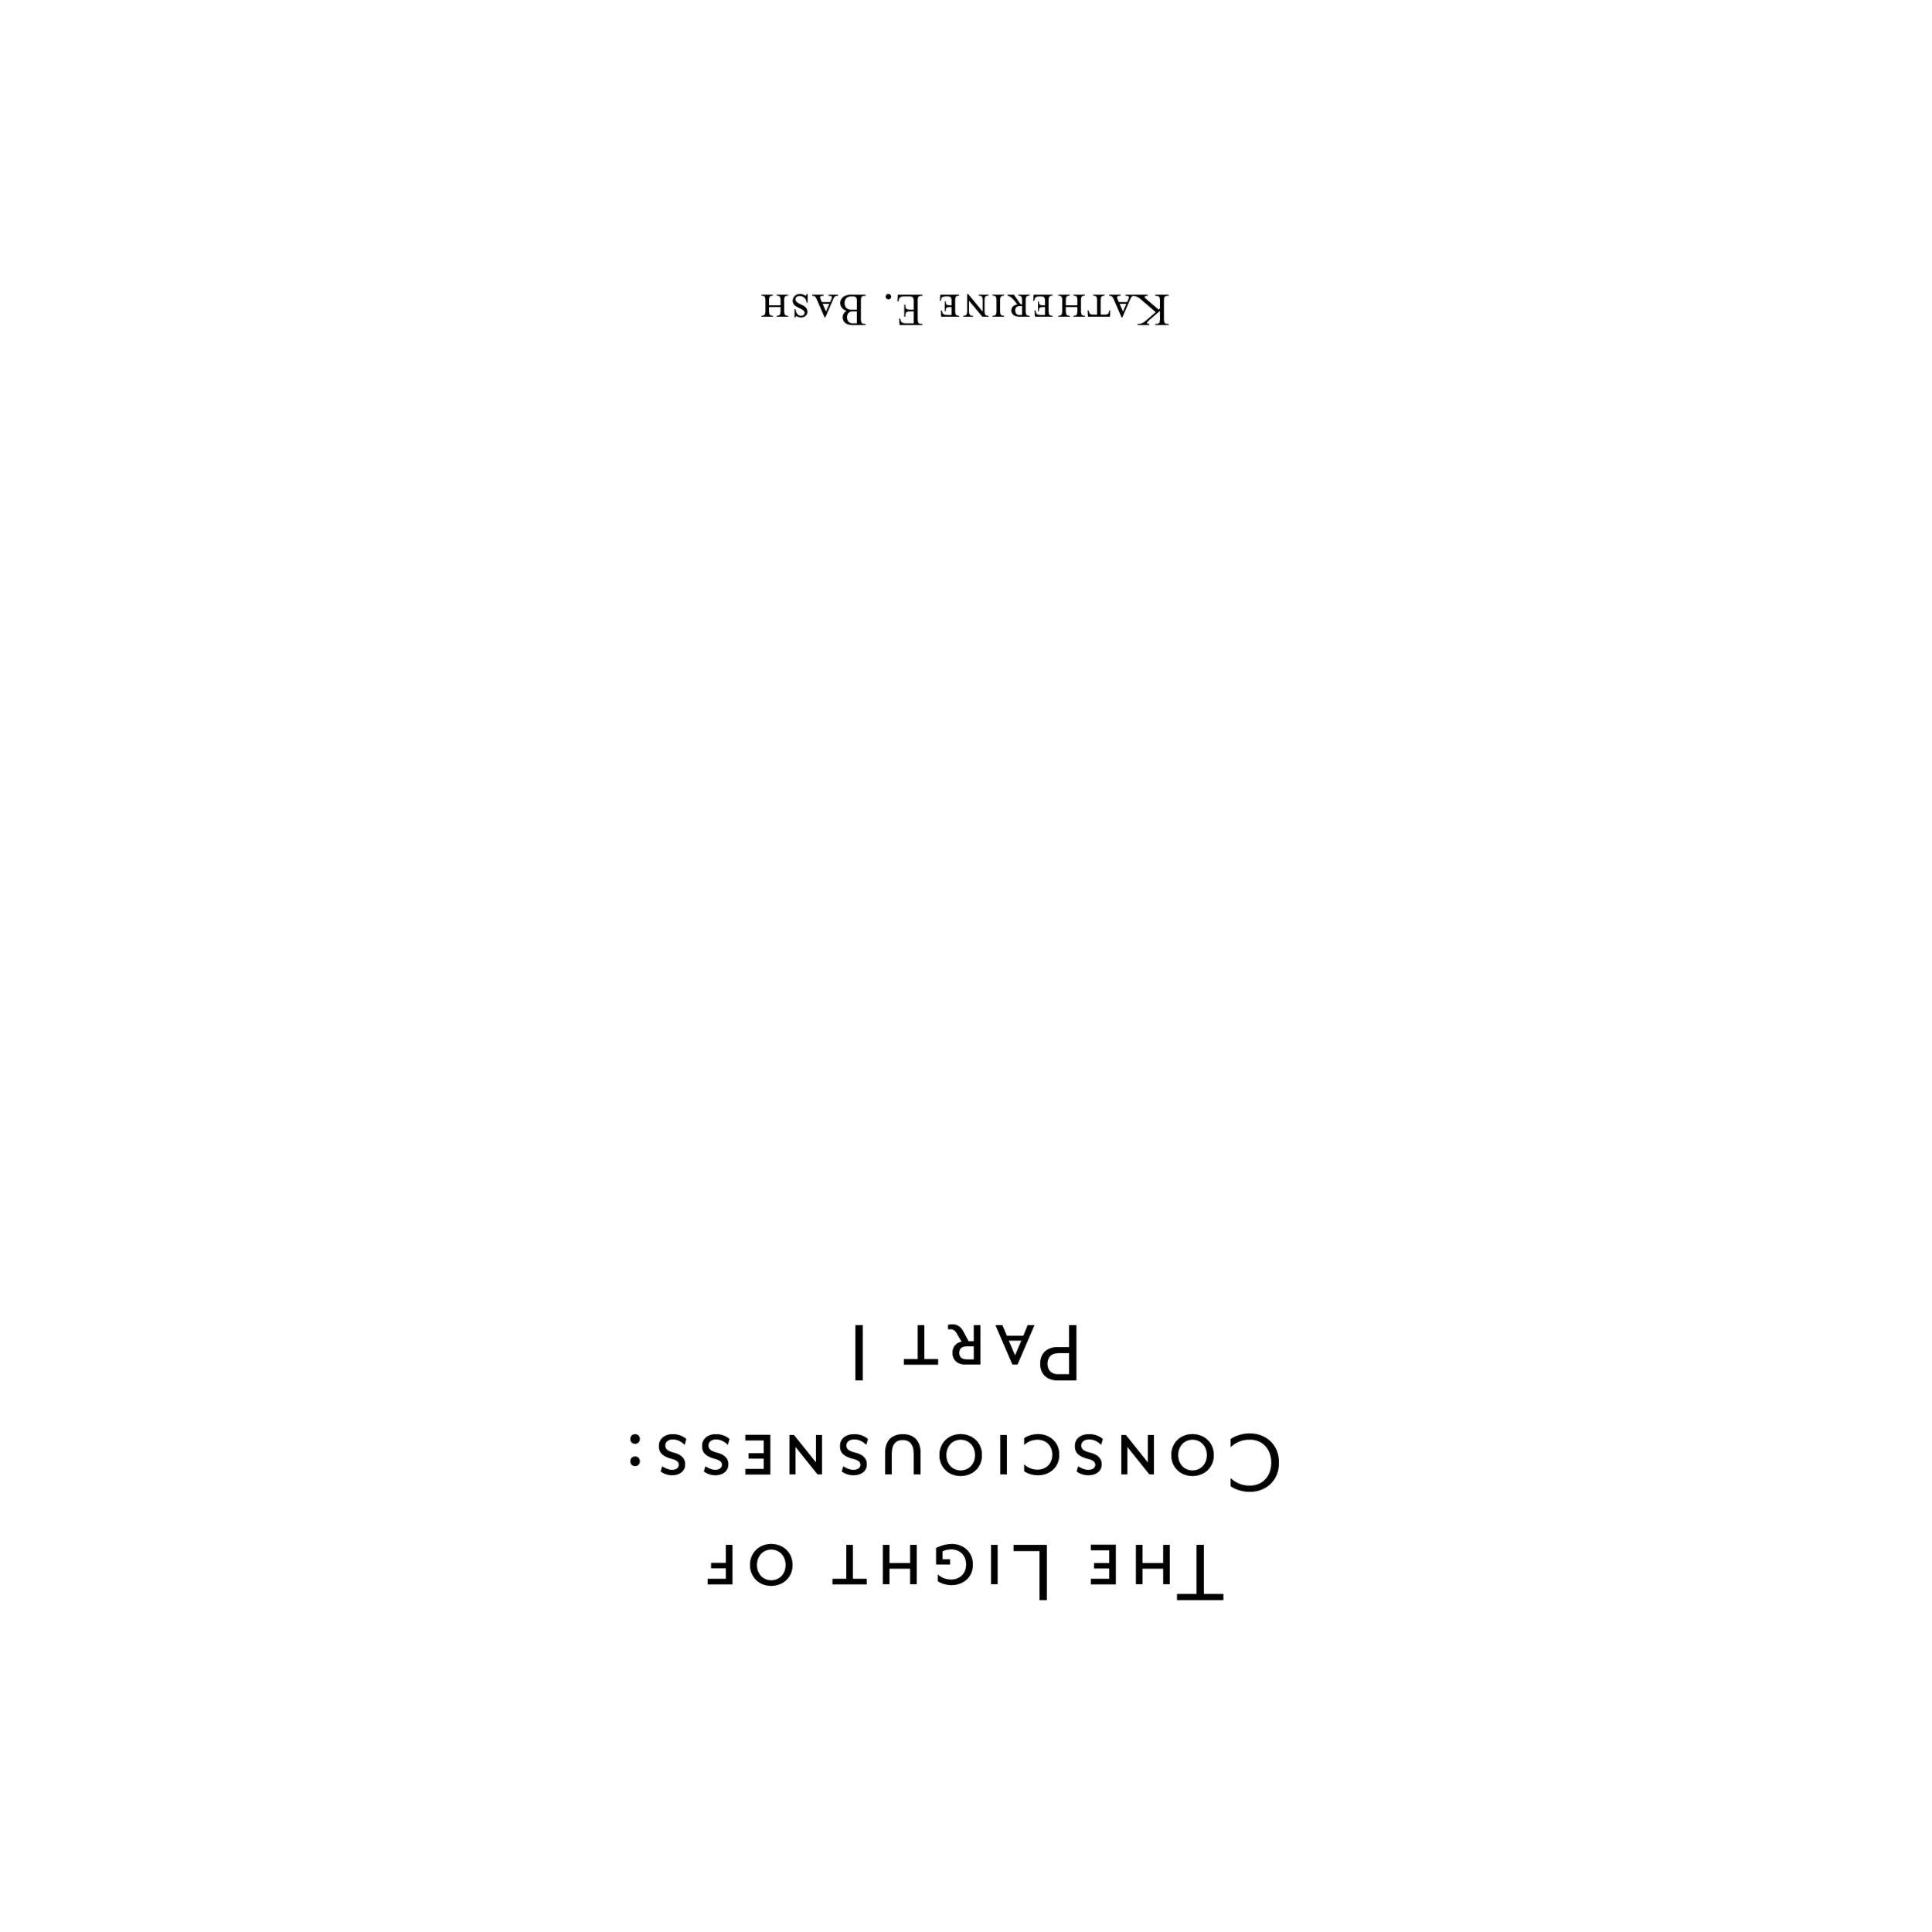 Titles Booklet_Final_Bash_39.jpg